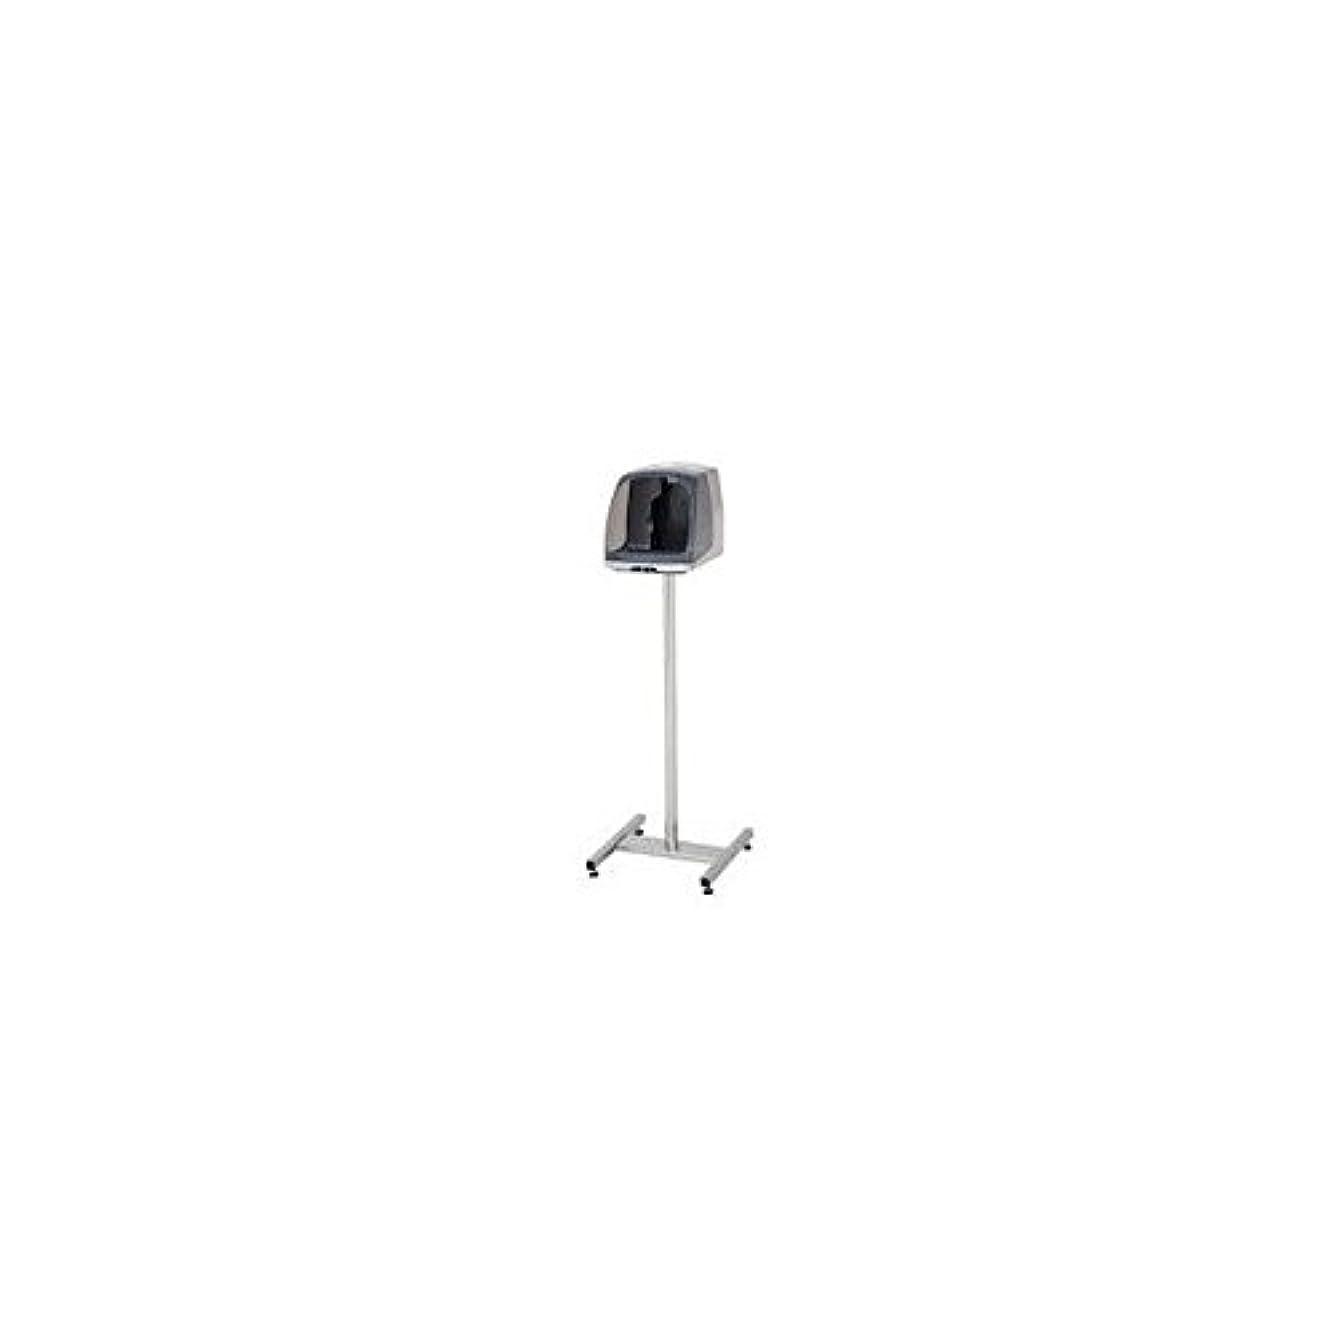 ショルダー海洋百科事典自動手指消毒器 HDI-9000用 架台スタンド キャスターなし 【品番】XSY8501